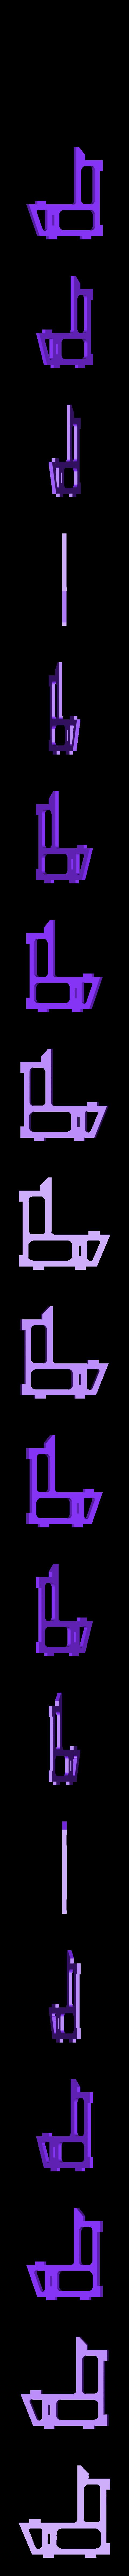 motor_mount_support.stl Download free STL file OpenROV Underwater Robot • 3D printable design, PortoCruz675